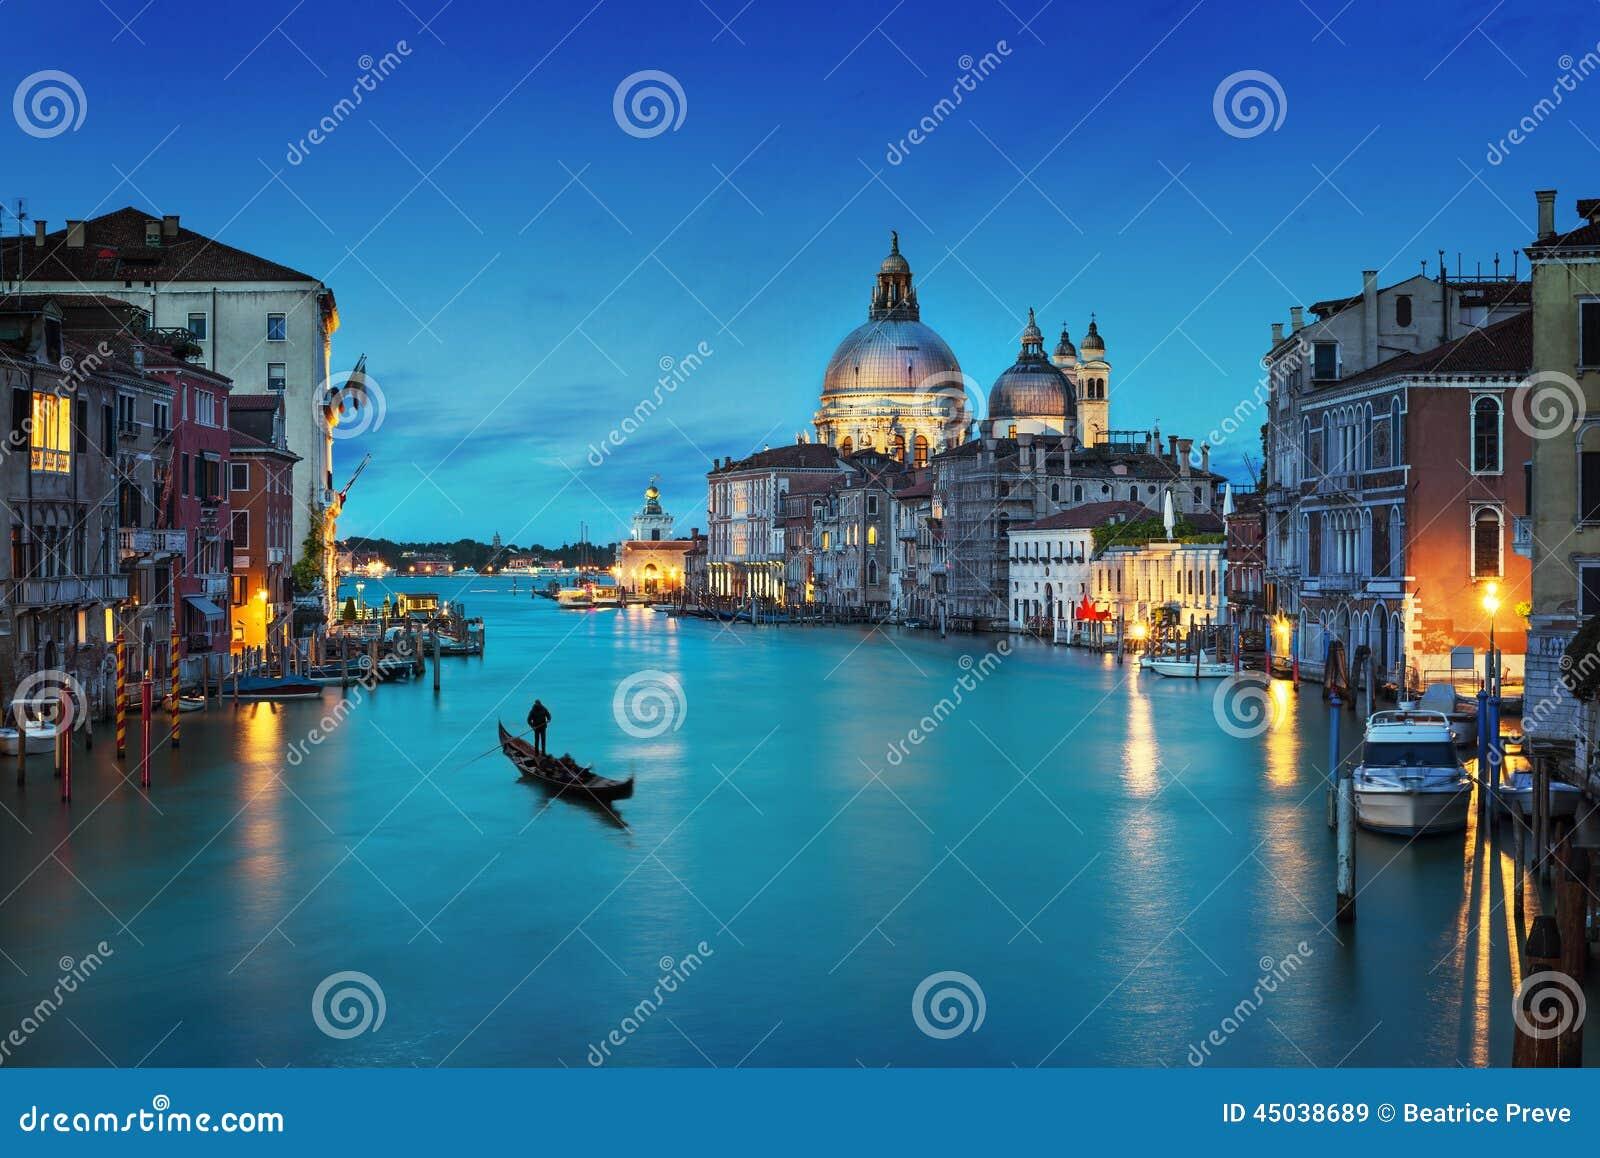 De stad van Venetië